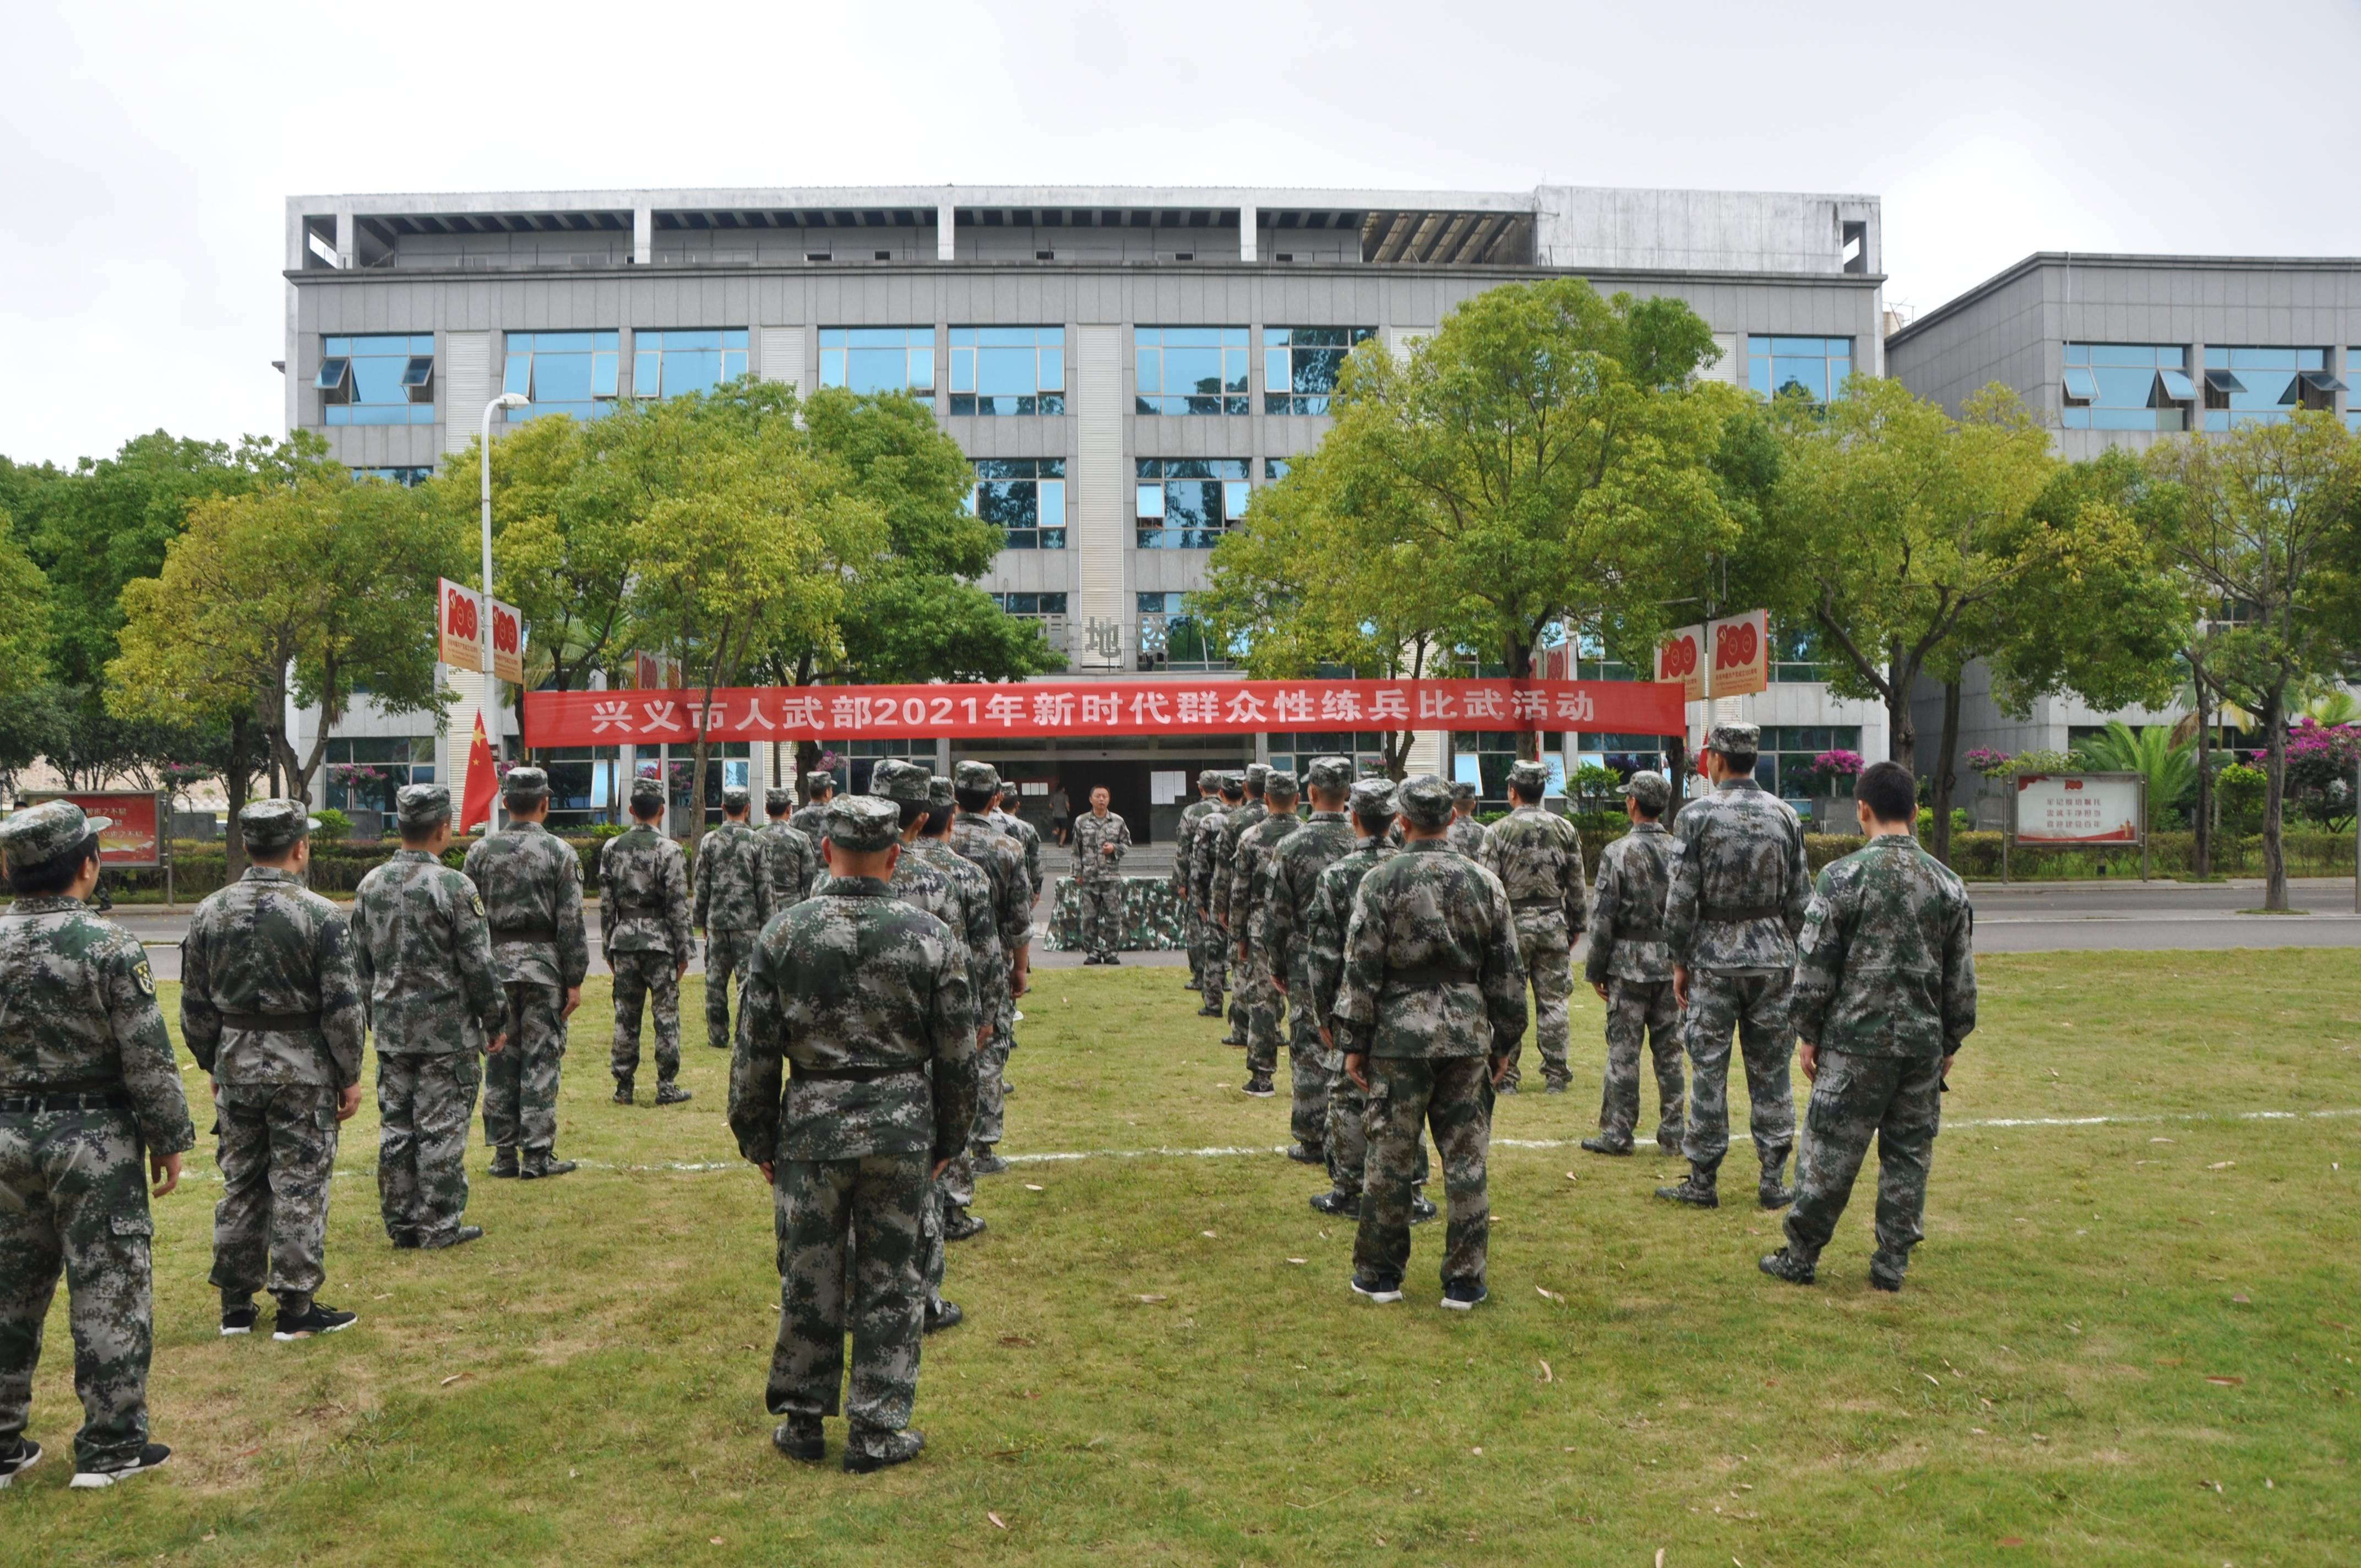 民兵练兵比武展风采 | 兴义市人武部组织2021年群众性练兵比武活动